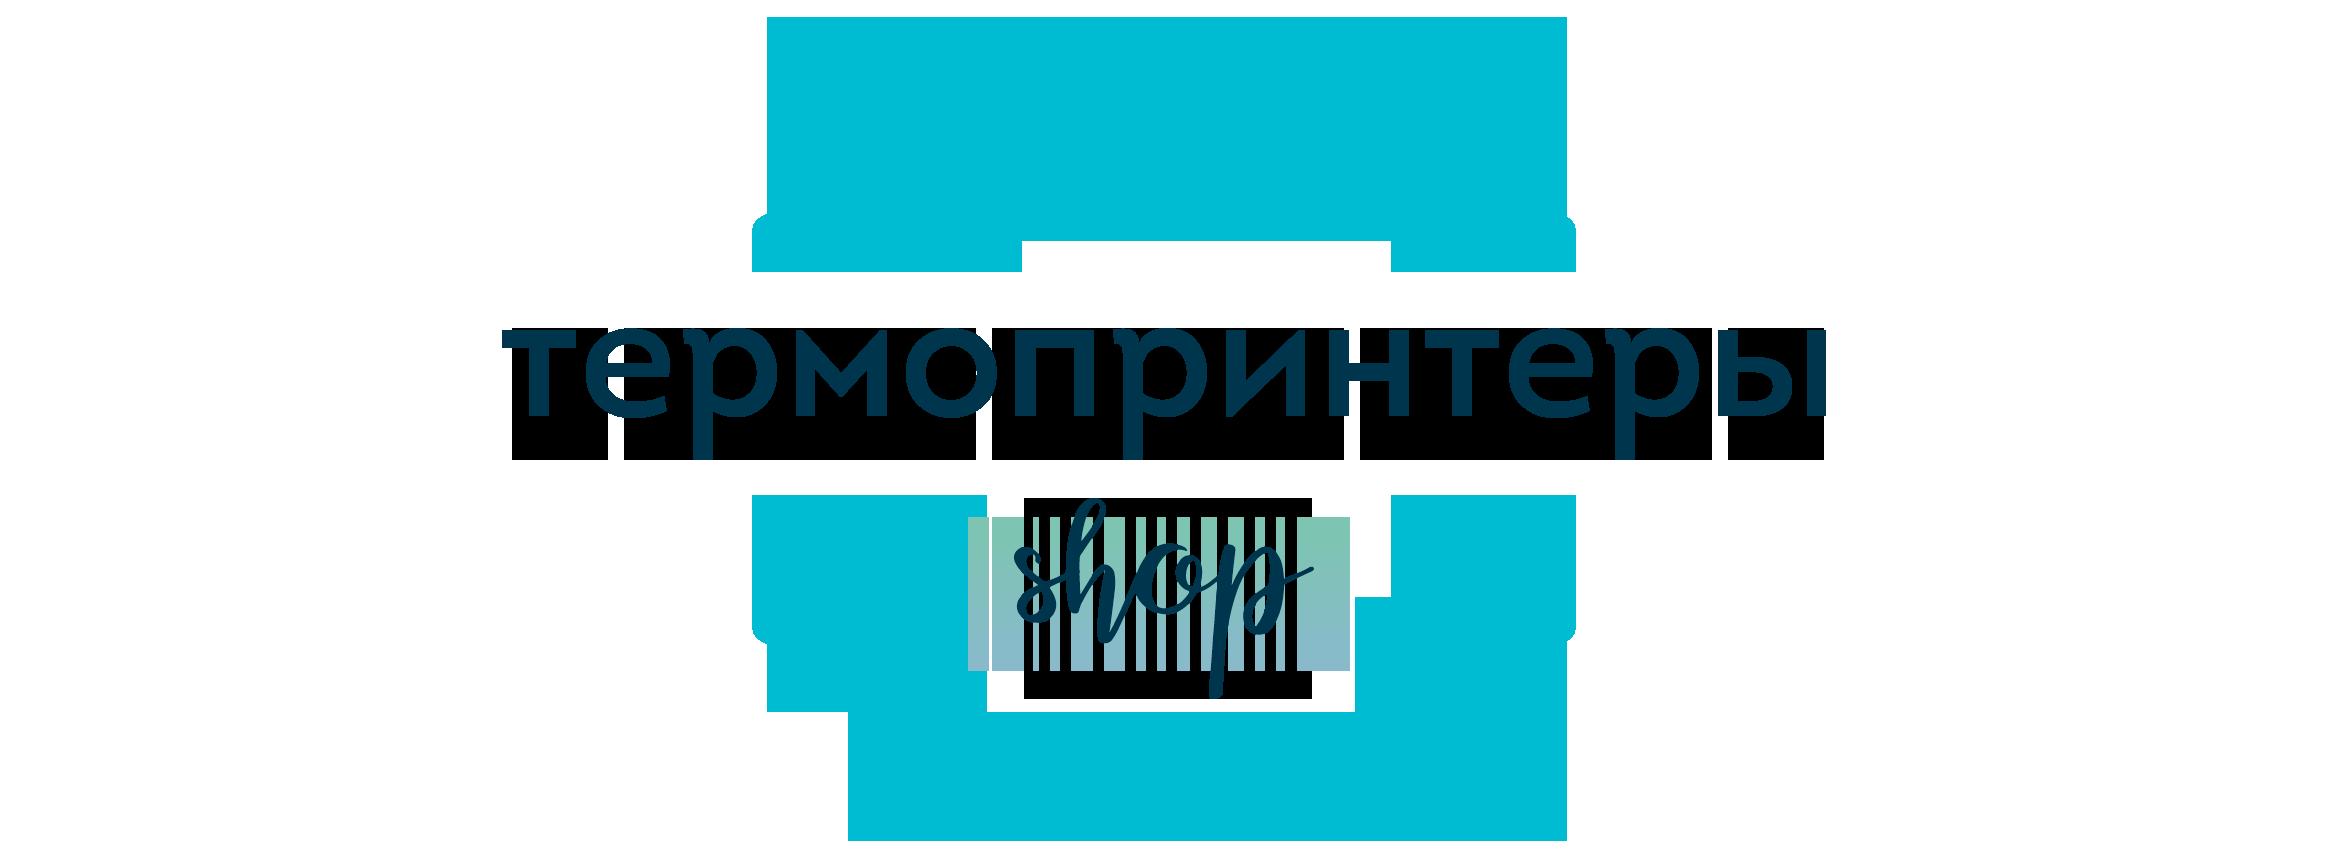 Термопринтеры Шоп